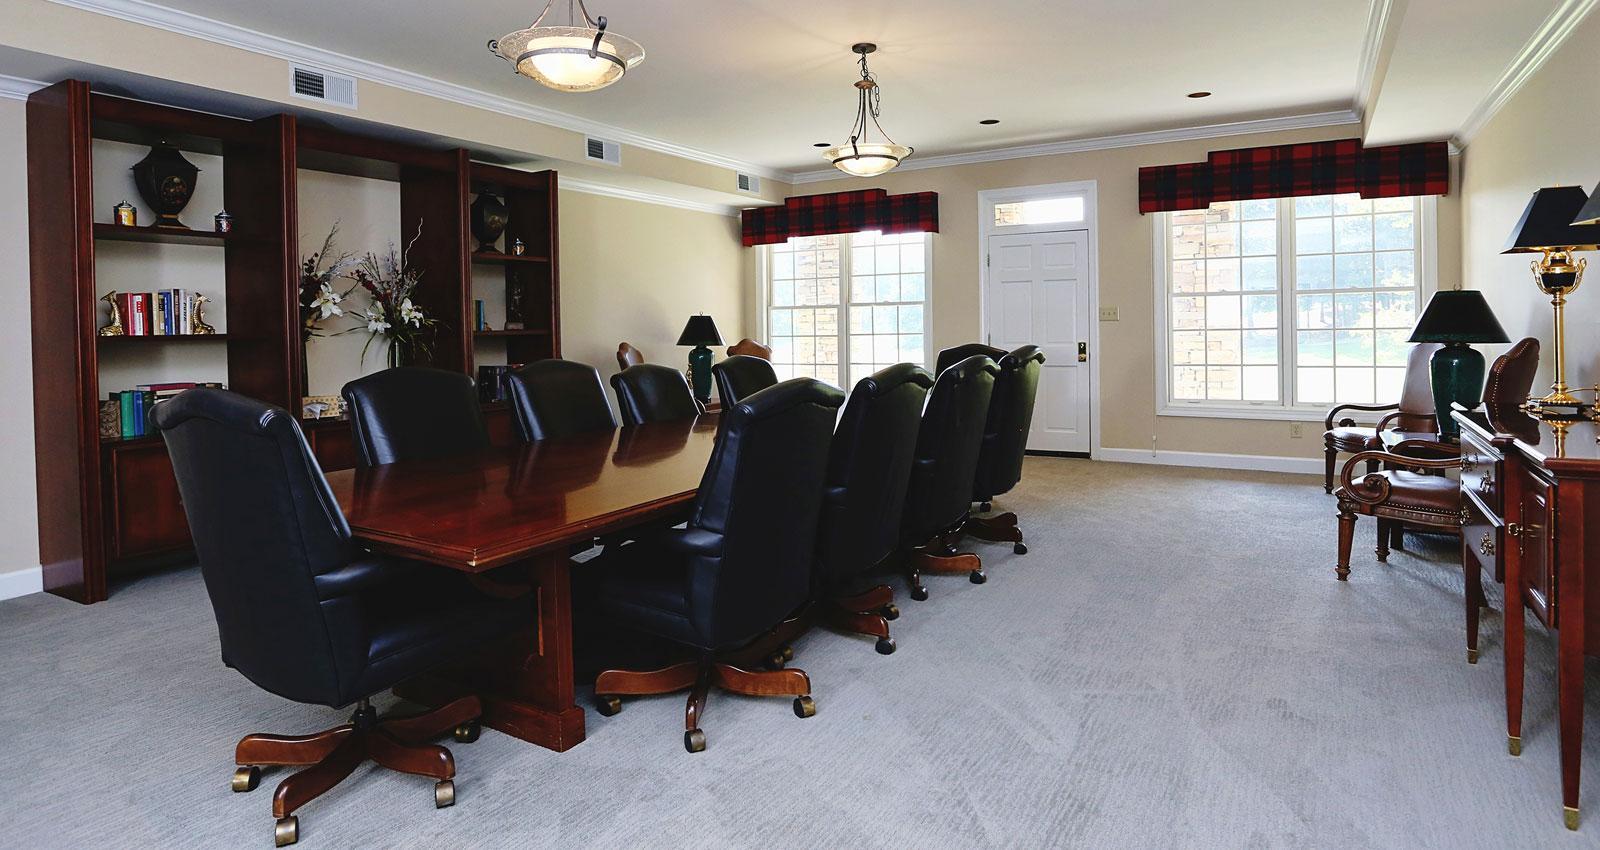 Corporate Board Room